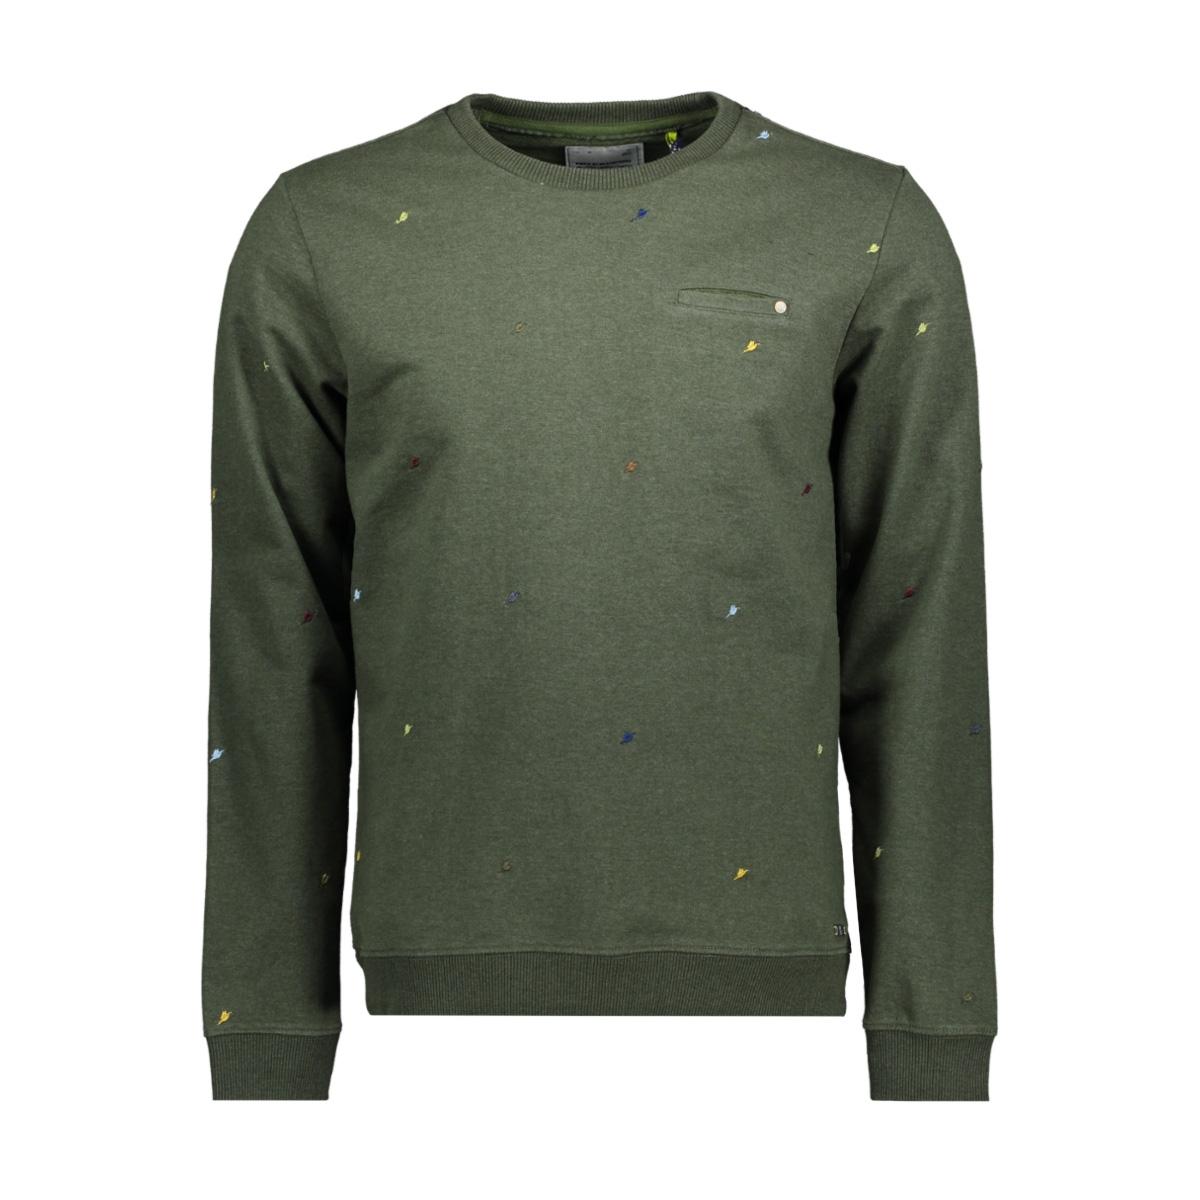 87111001 no-excess sweater 124 dark steel